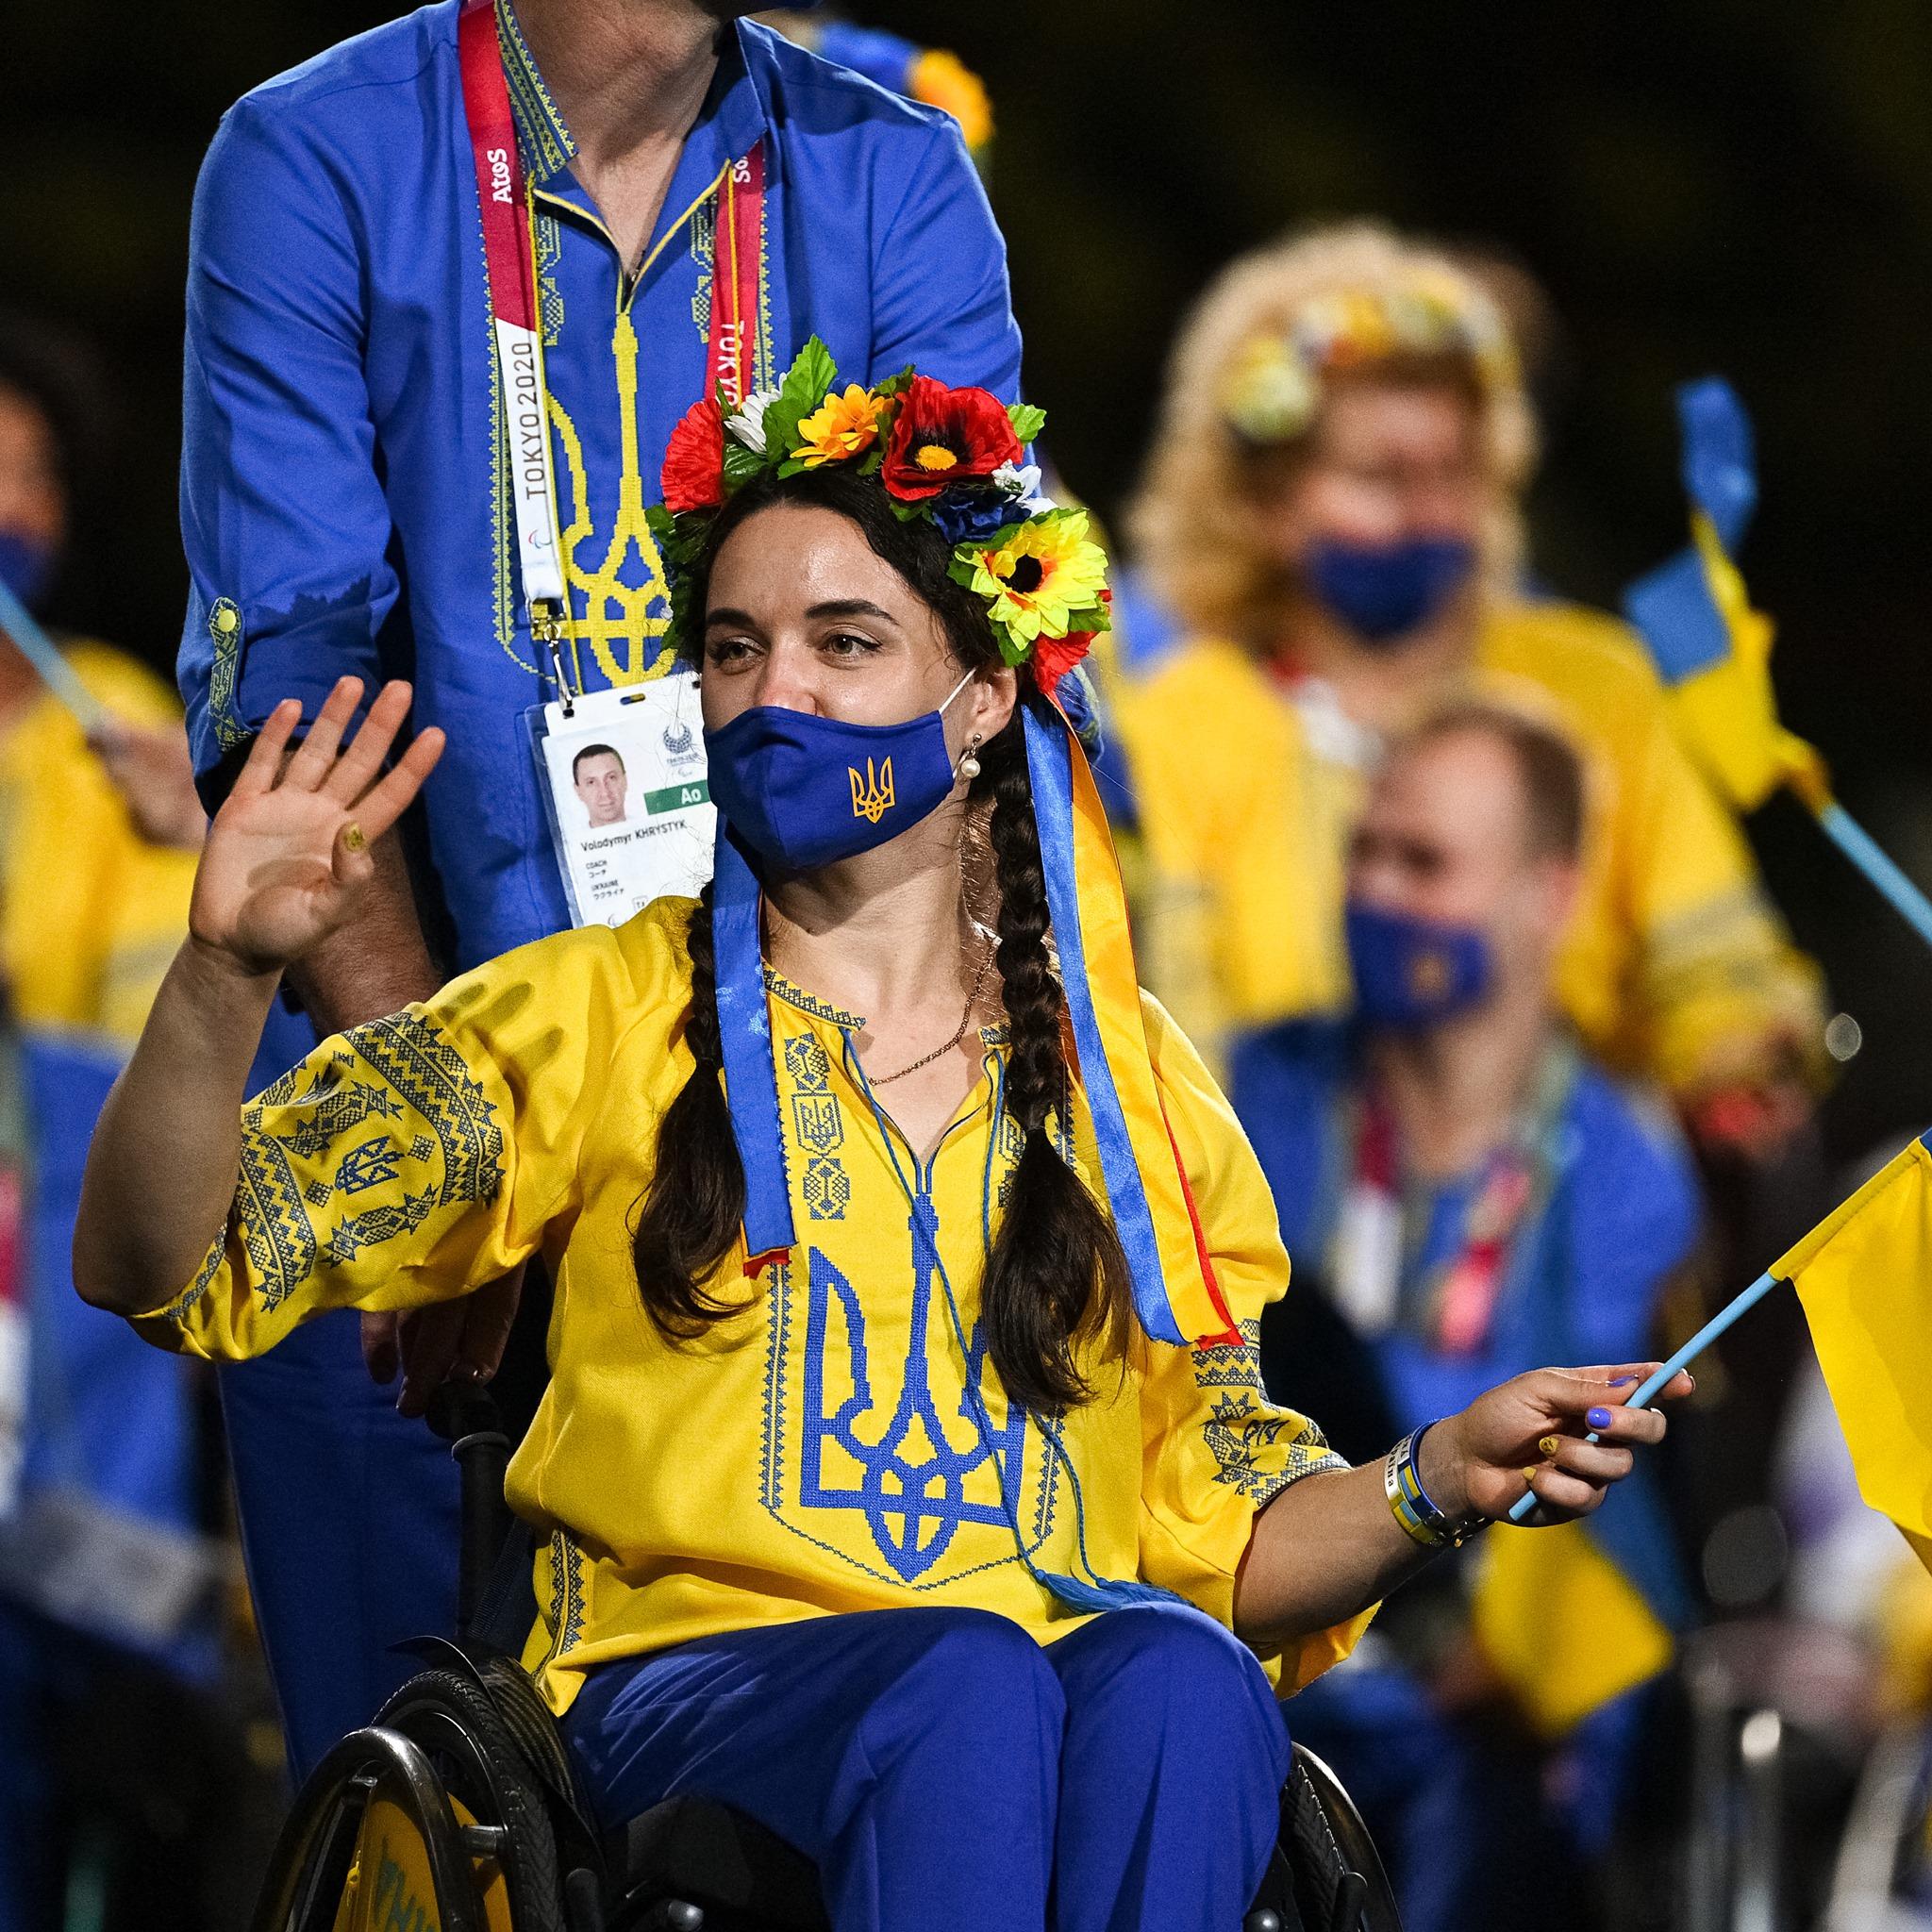 Вболіваємо та пишаємося! Україна тріумфує на Паралімпійських іграх 2020 в Токіо